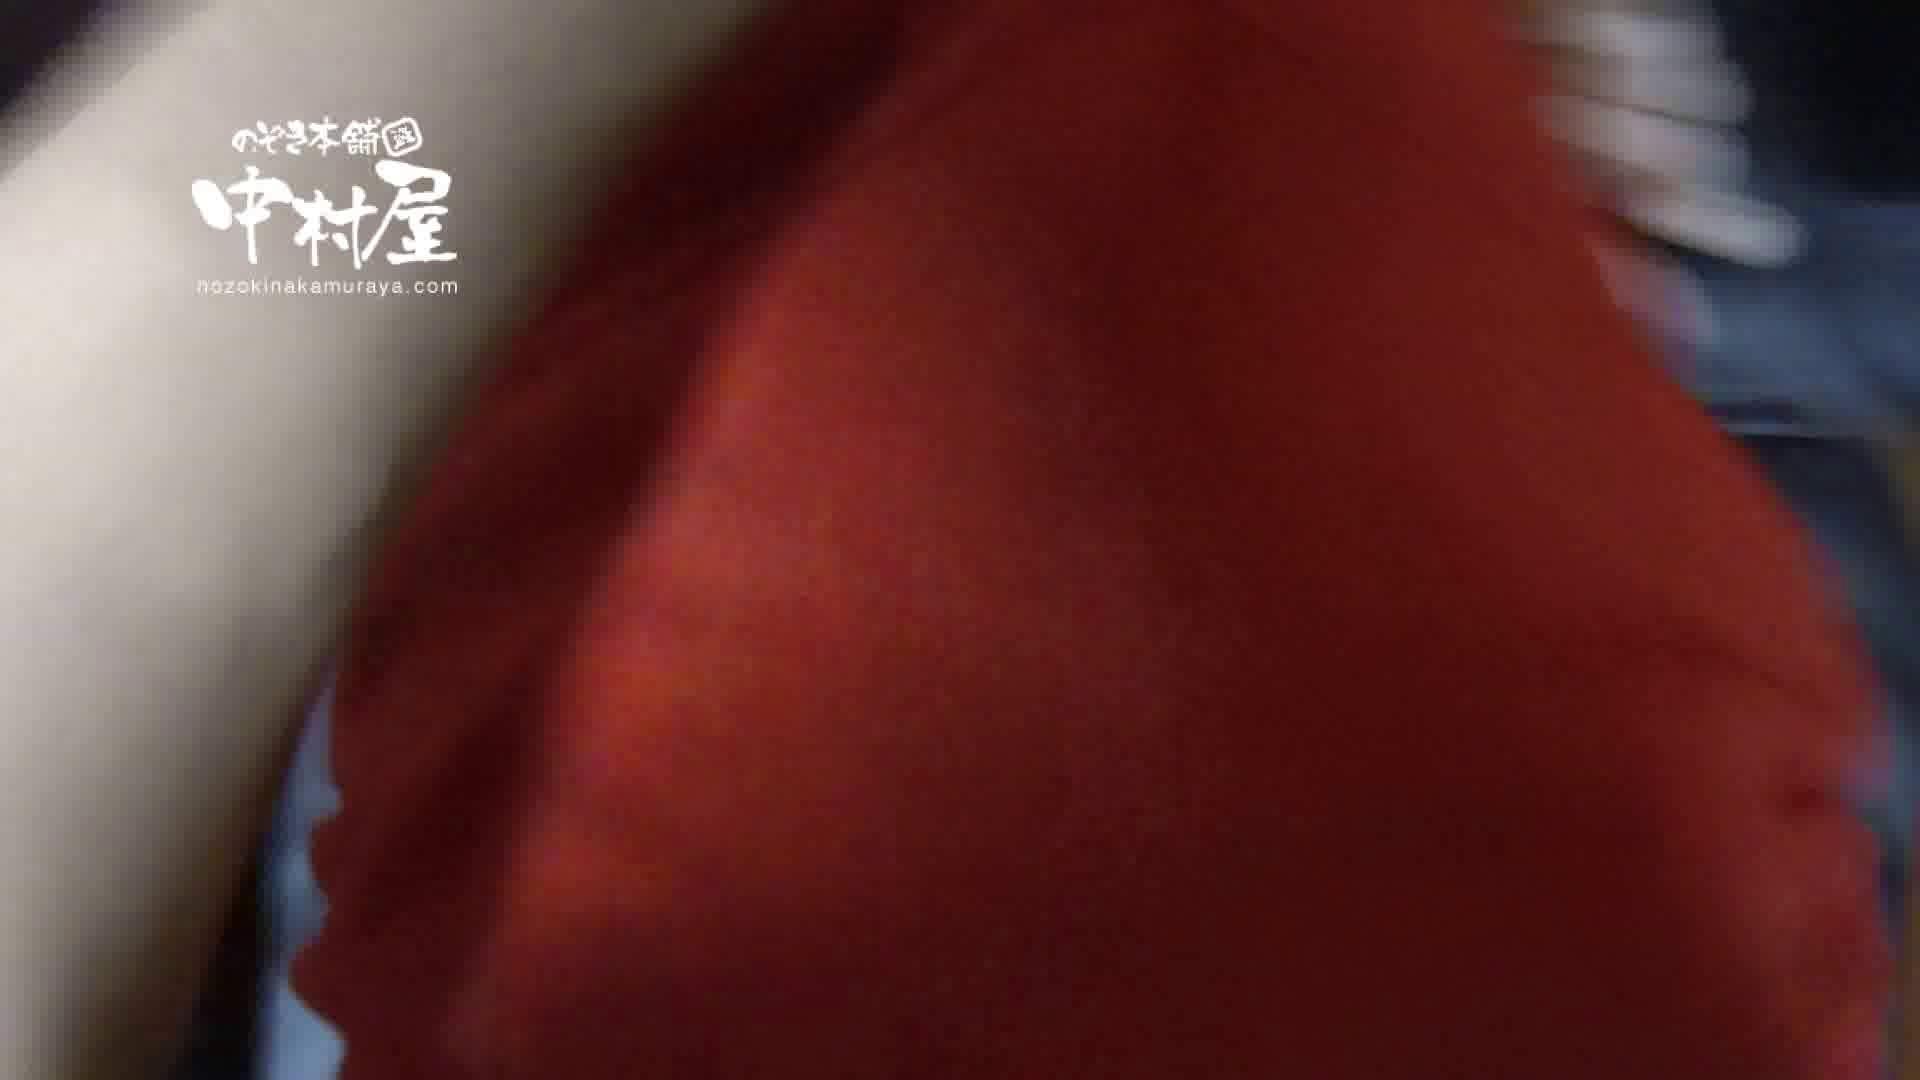 鬼畜 vol.13 もうなすがママ→結果クリームパイ 後編 OLのエロ生活   鬼畜  66連発 65